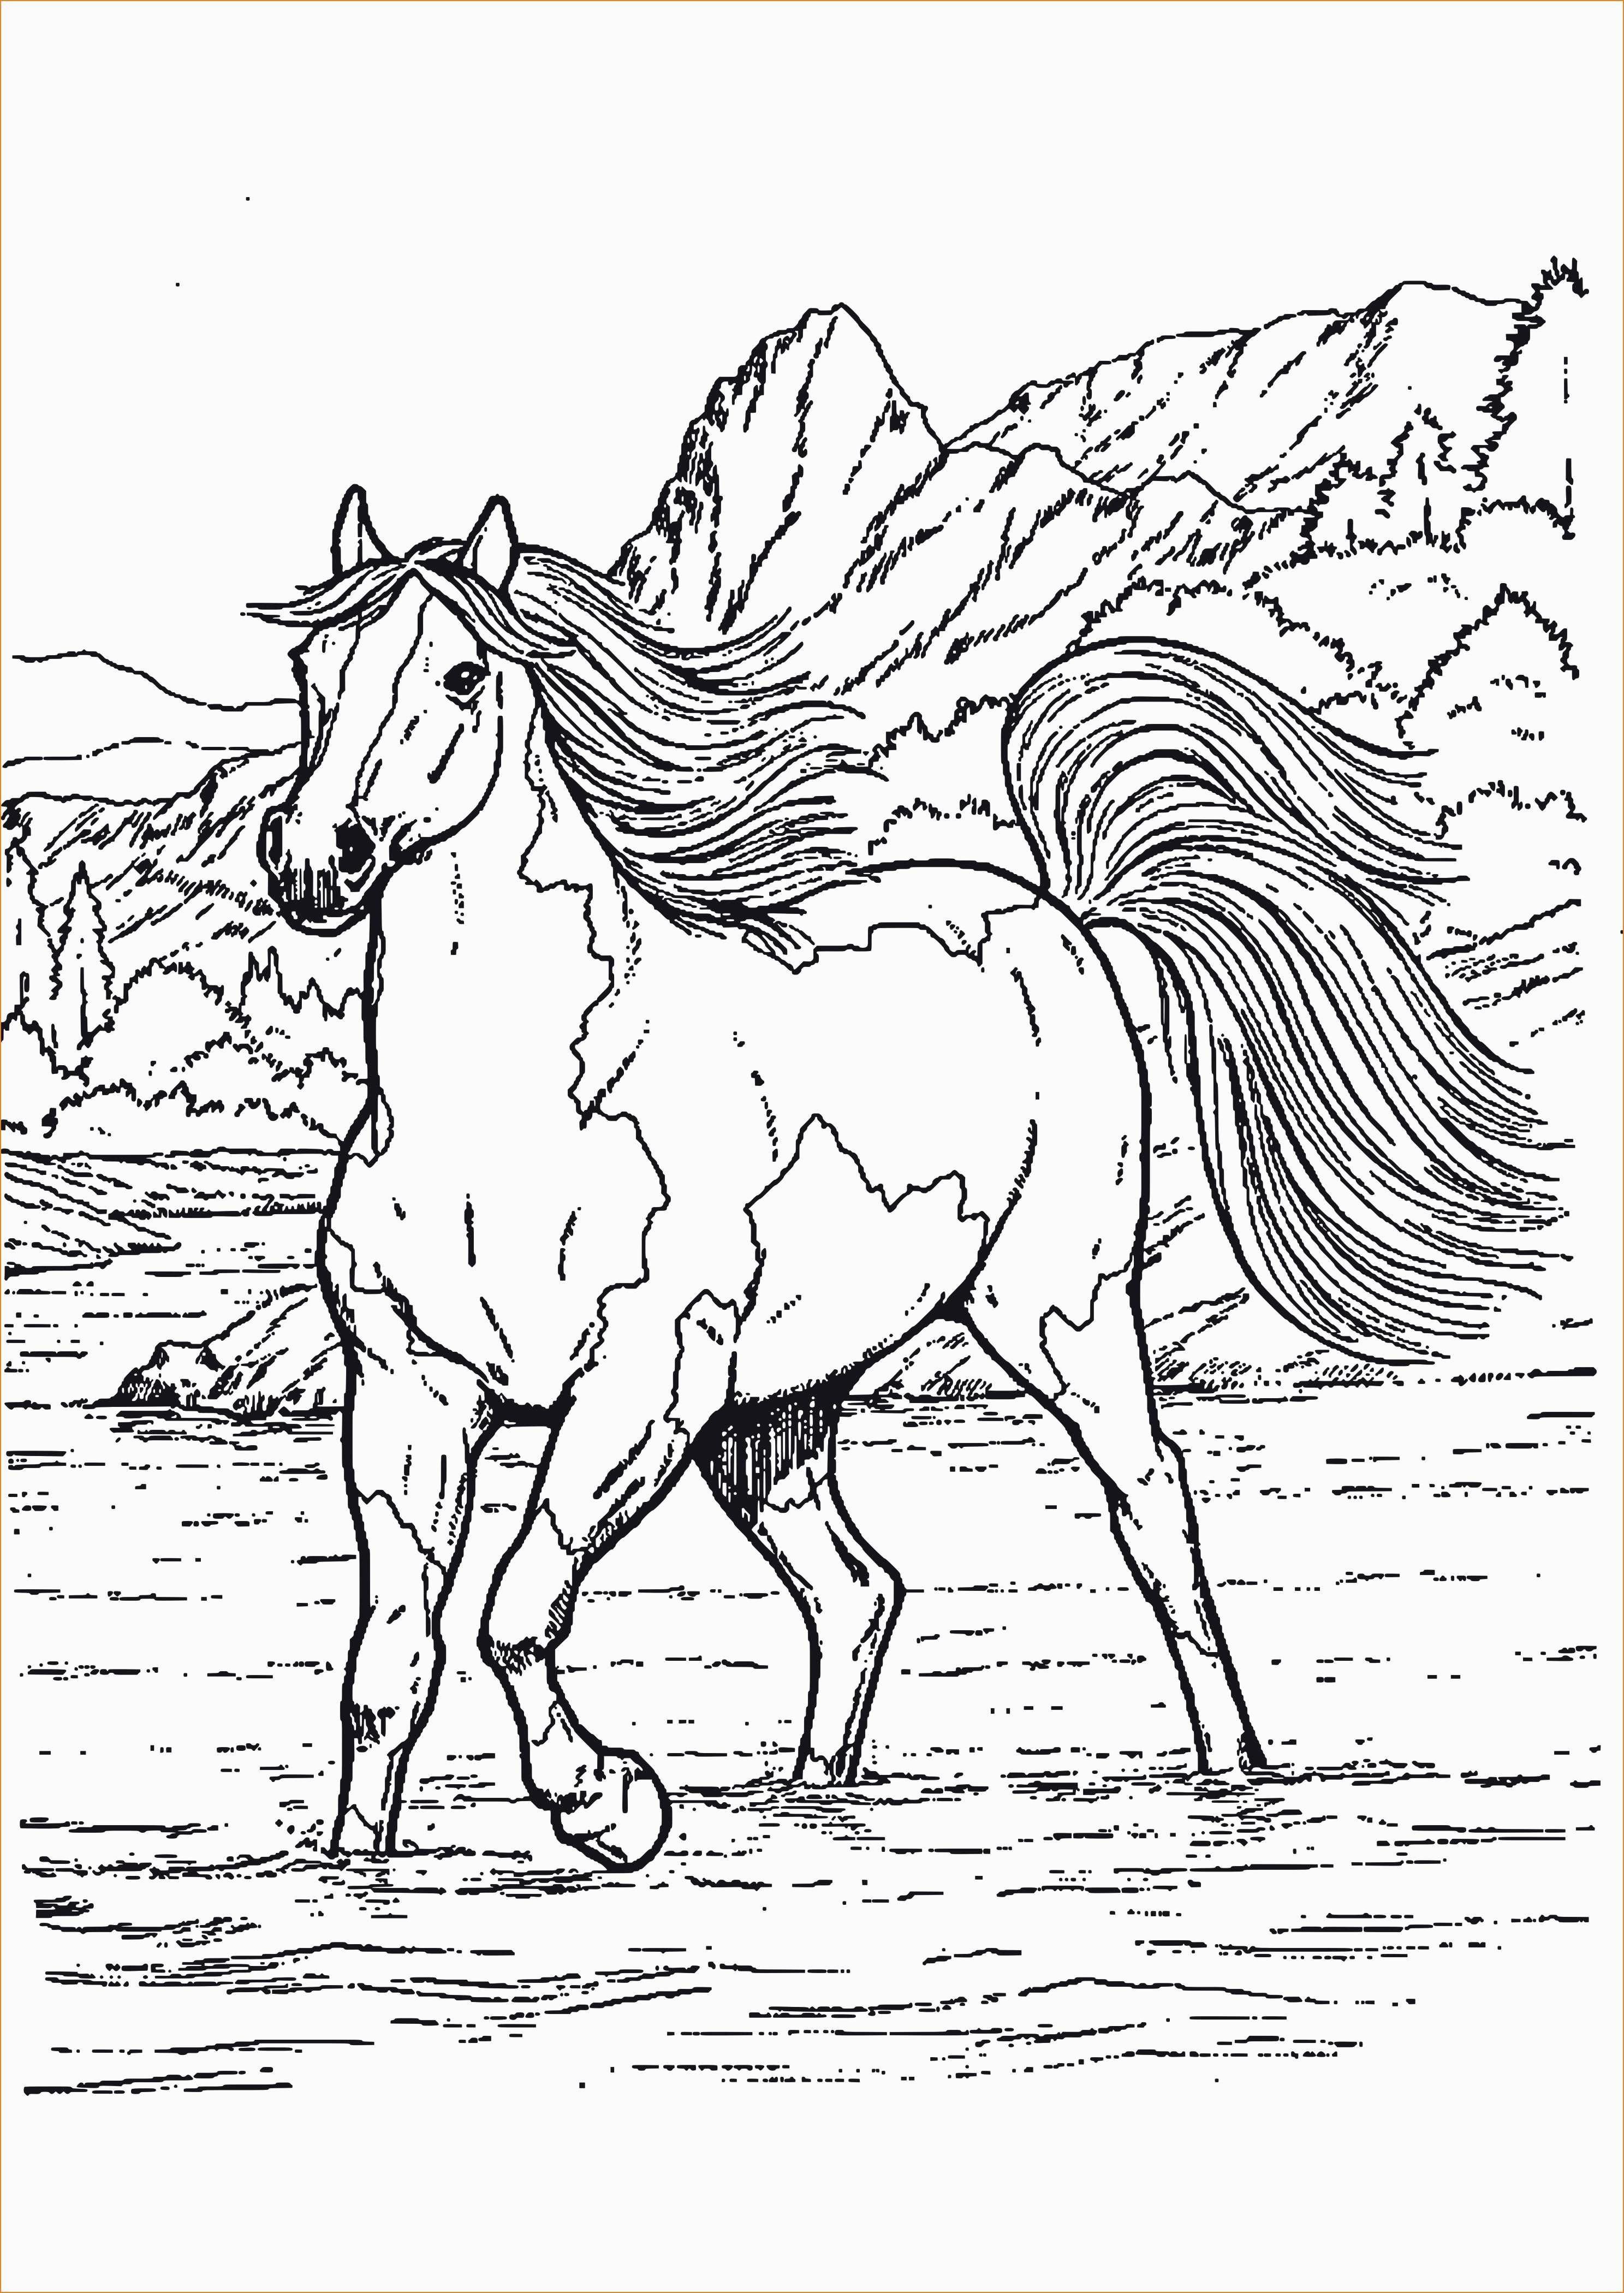 Pferde Ausmalbilder Zum Drucken Einzigartig Pferde Ausmalbilder Zum Ausdrucken Kostenlos Kollektionen Von Stock